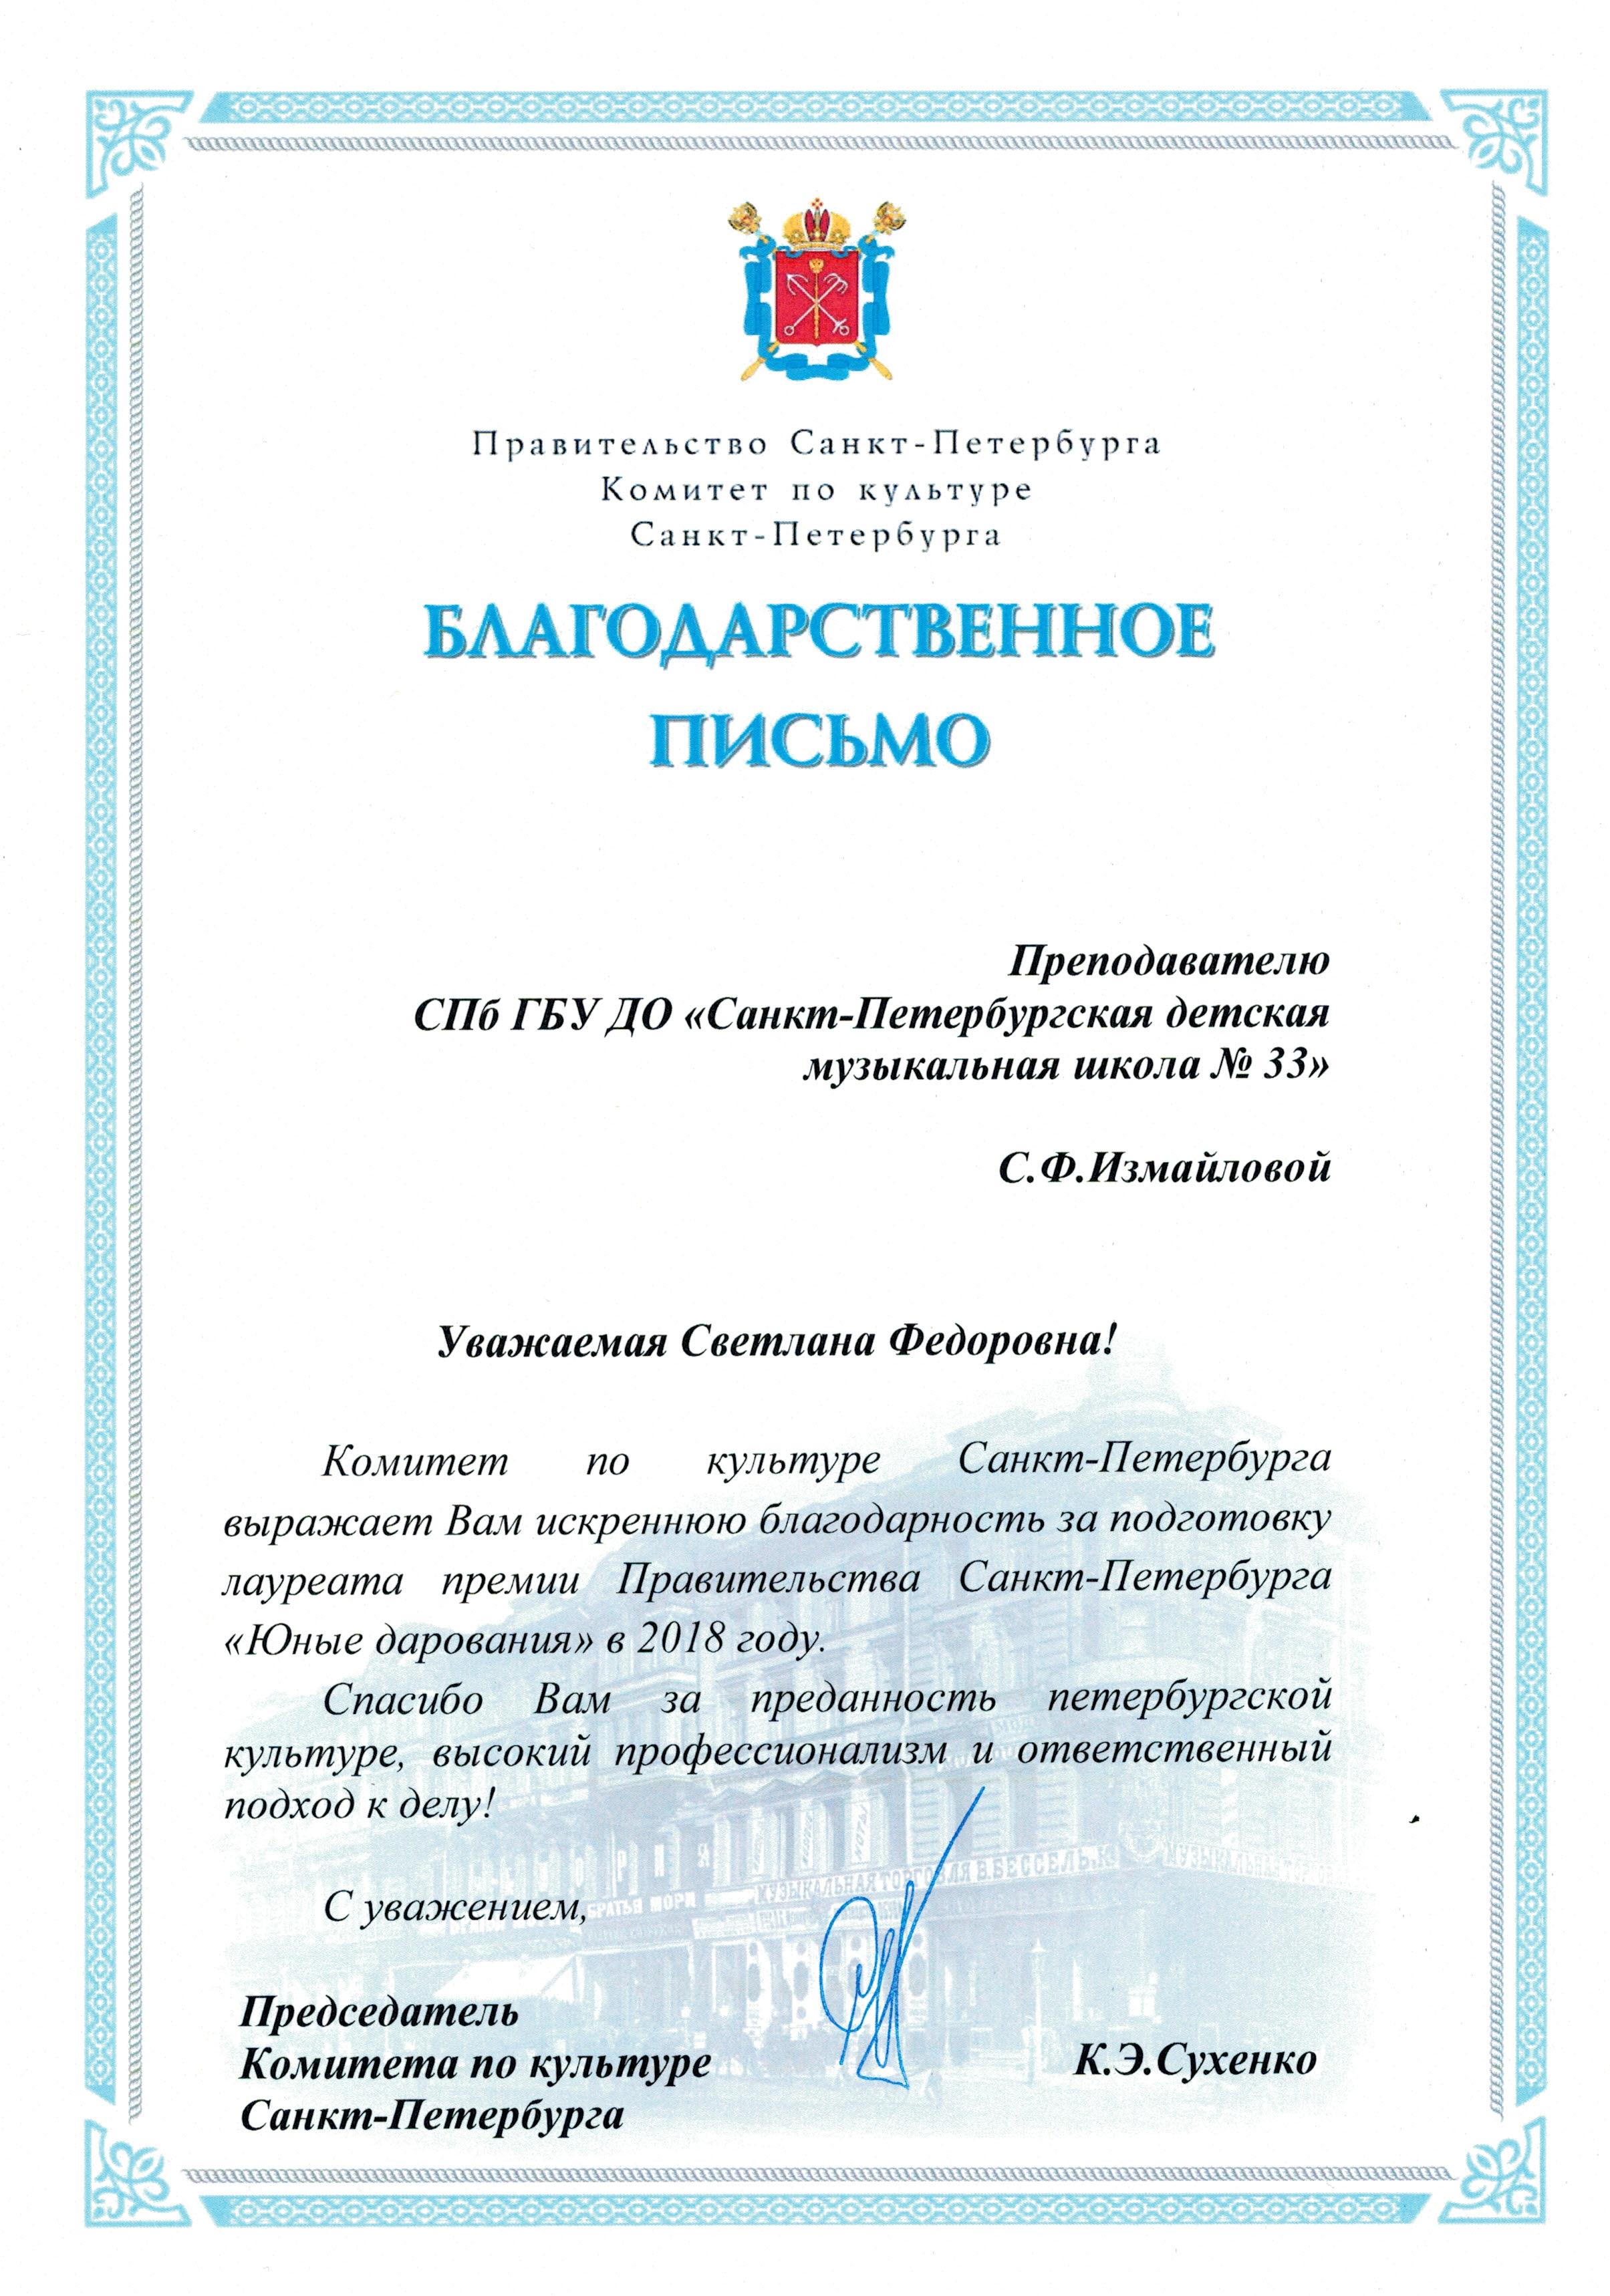 CCI13112019_0001